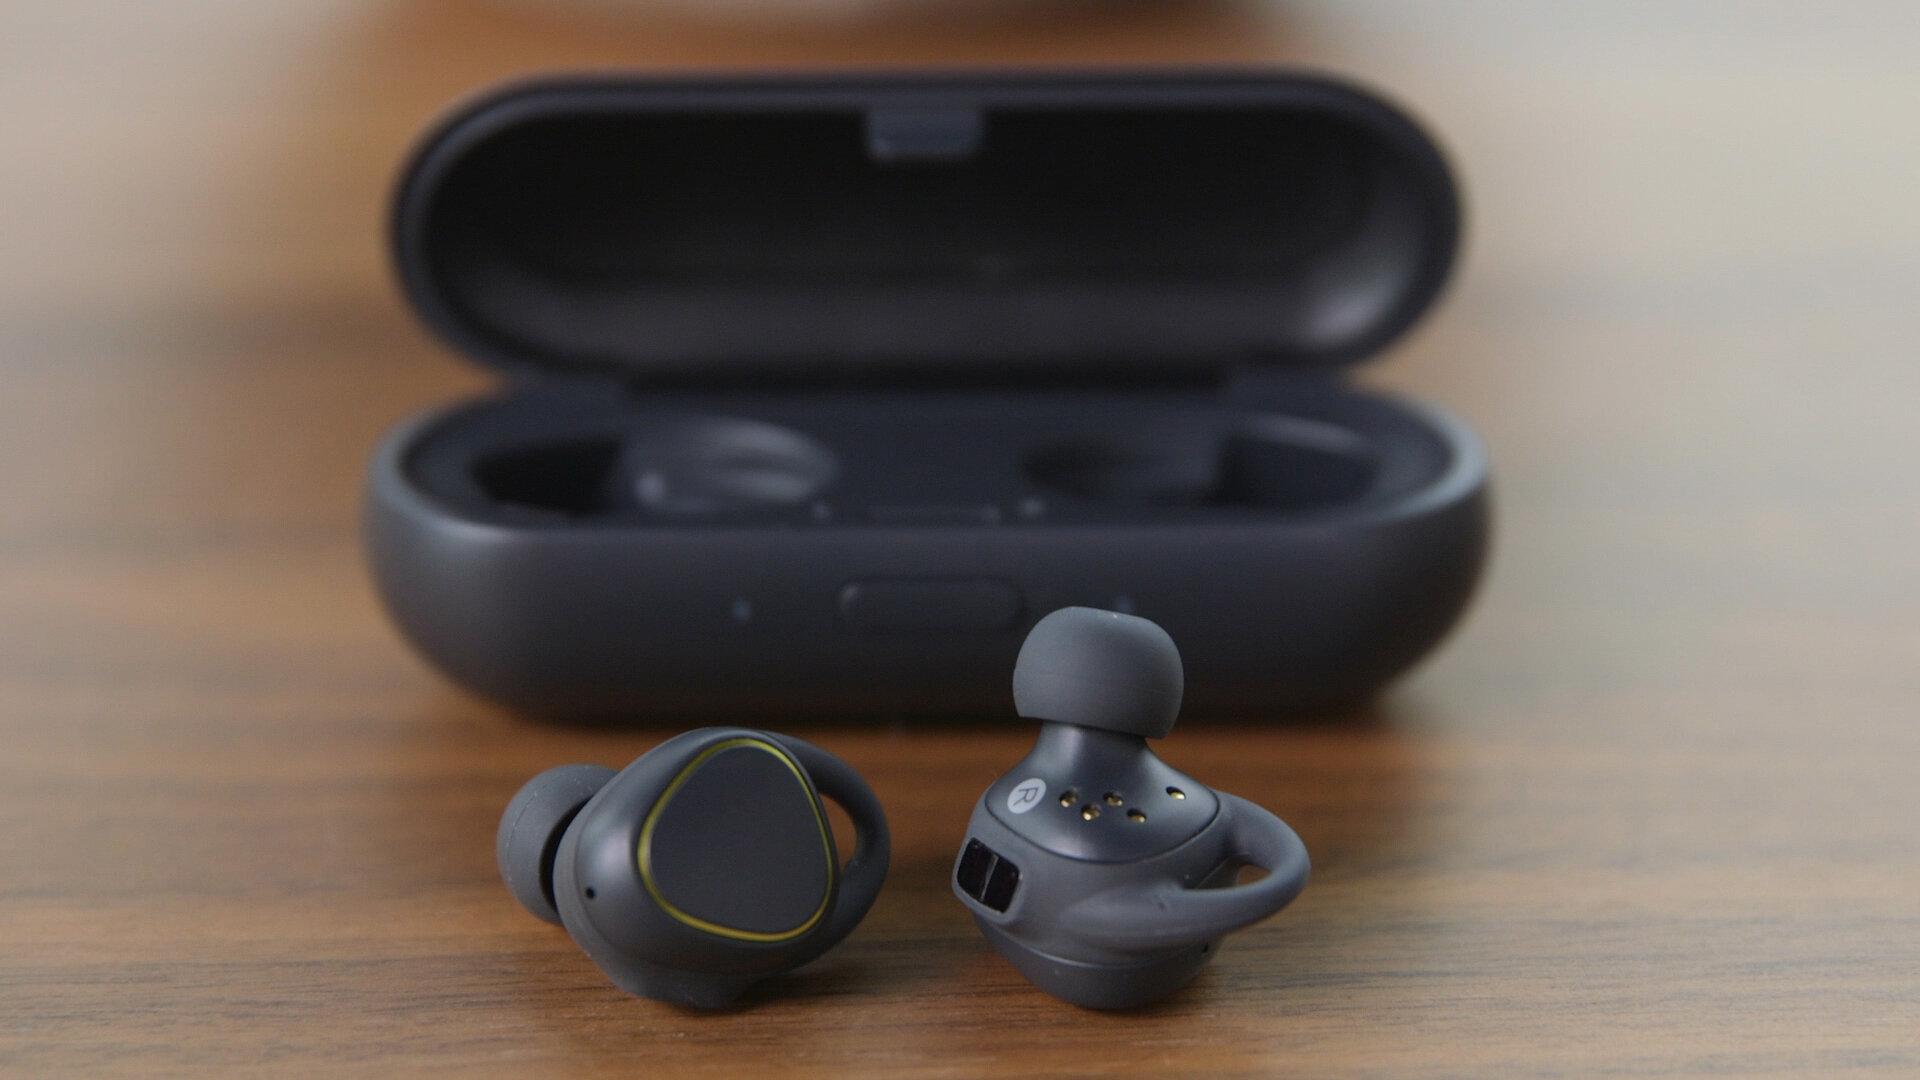 Tai nghe không dây Samsung Gear iConX sở hữu nhiều công nghệ hiện đại